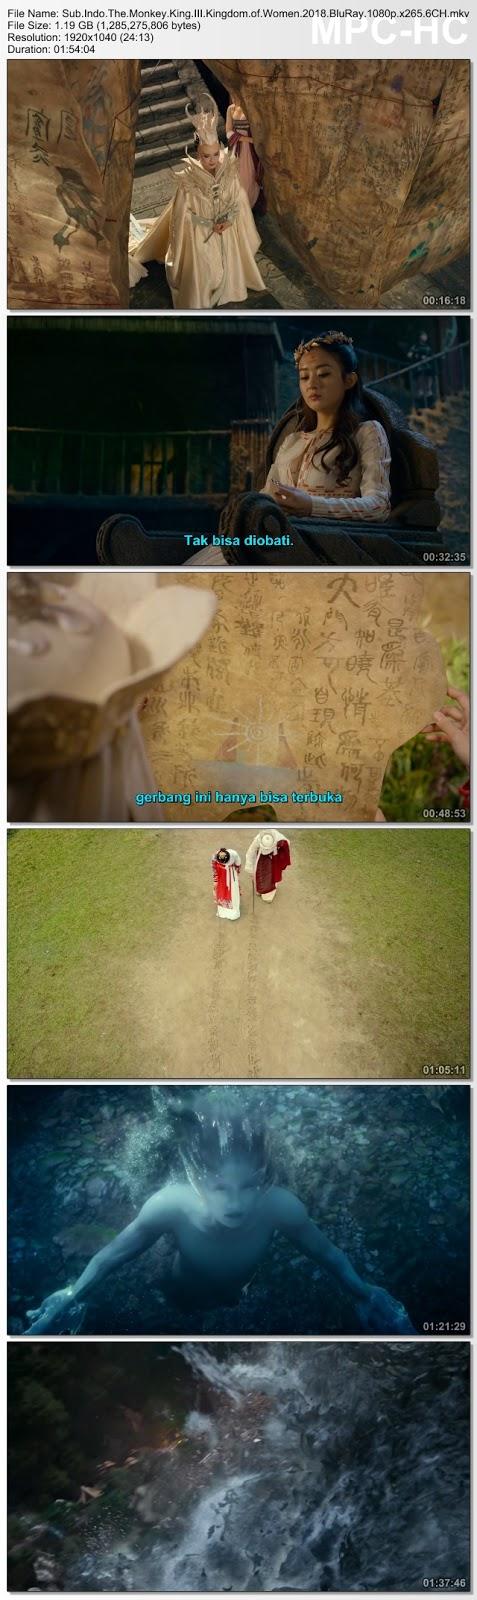 Screenshots Download Film Gratis The Monkey King 3: Kingdom of Women aka Xi you ji zhi nü er guo (2018) BluRay 480p MP4 Subtitle Bahasa Indonesia 3GP